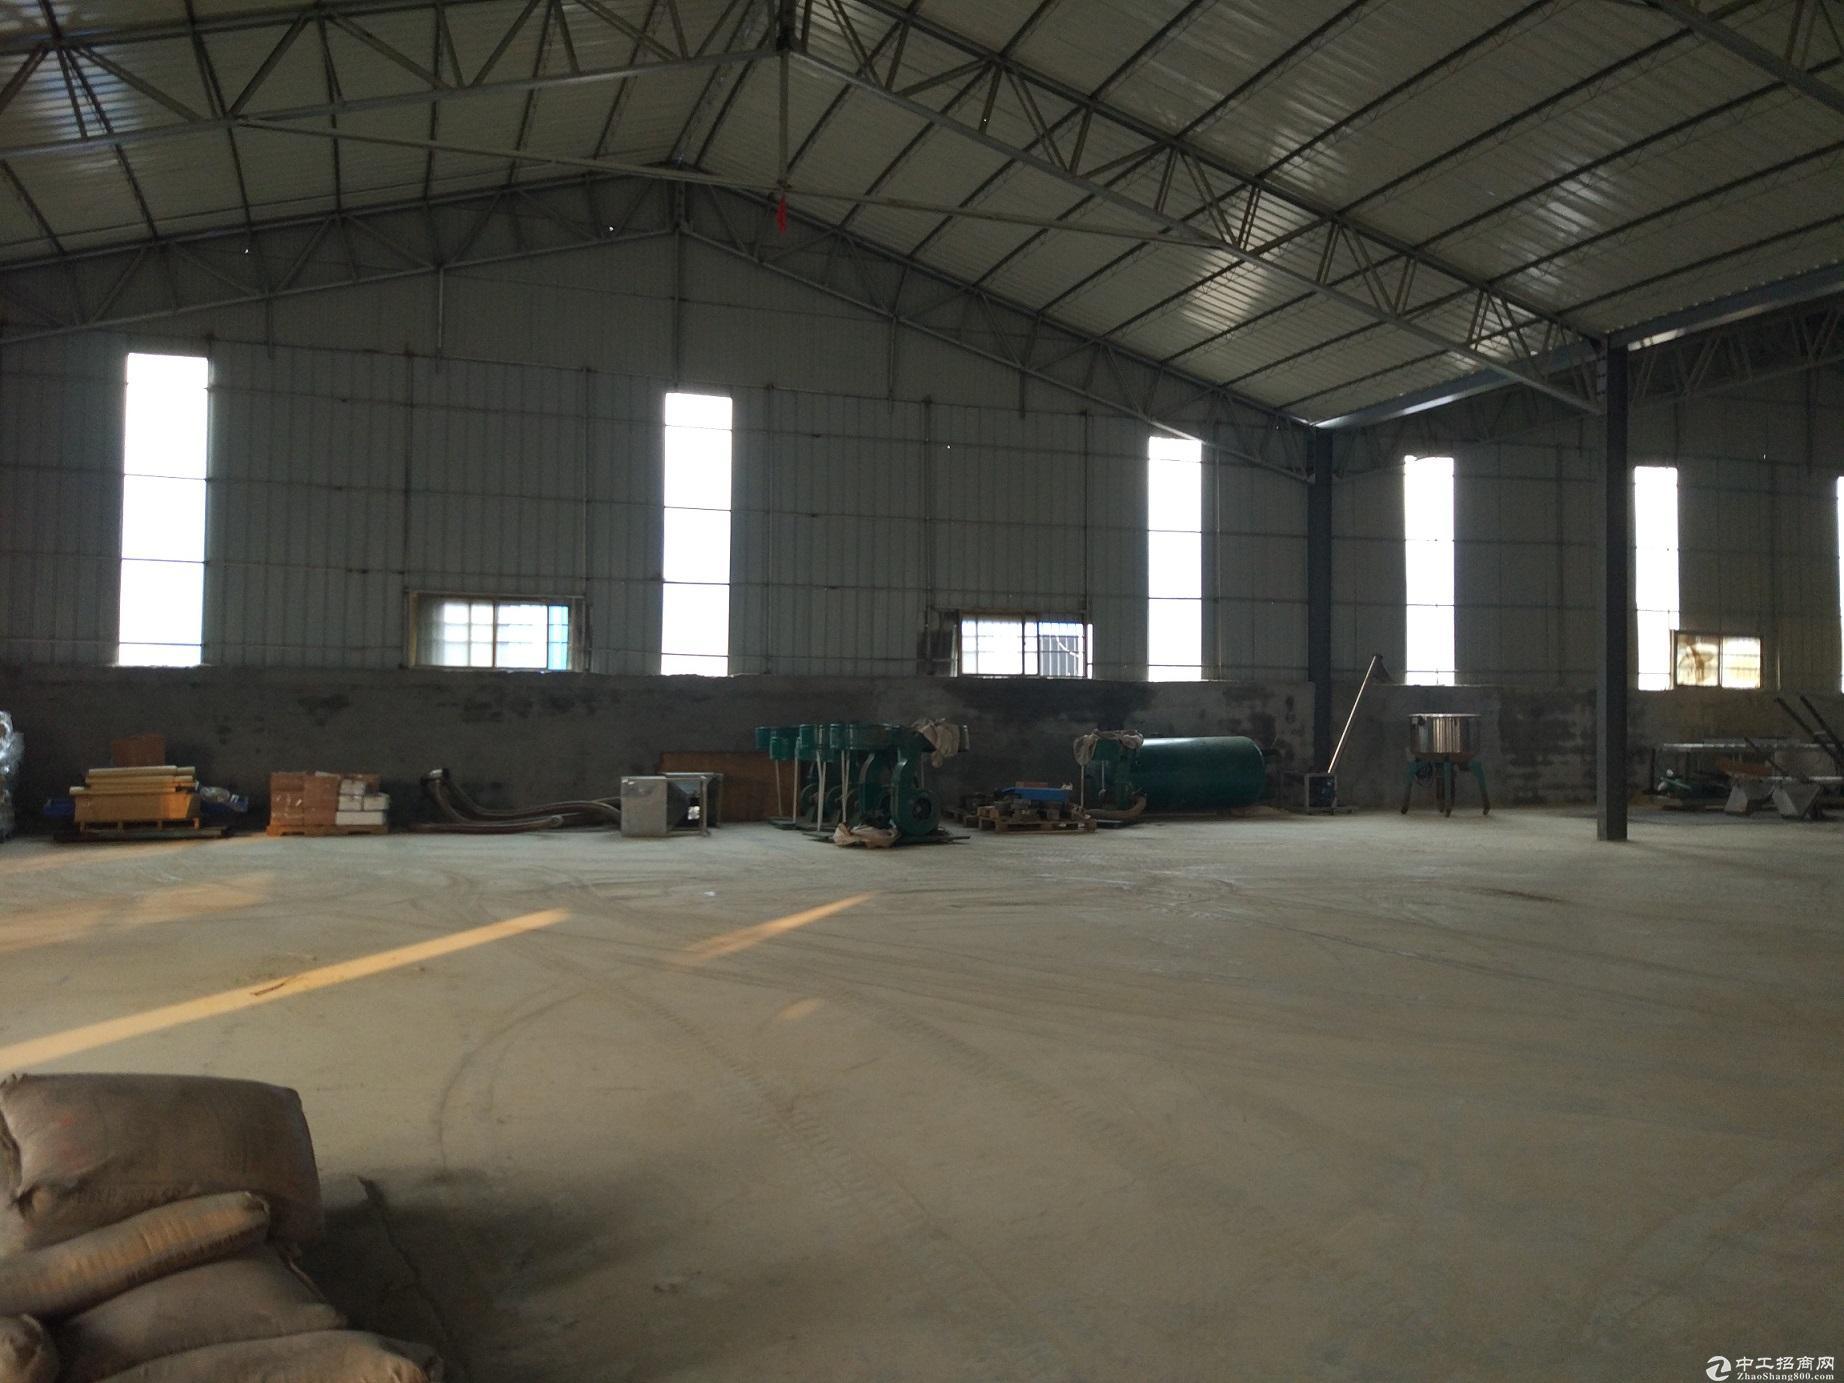 临沂兰山区义堂镇新建2000-3000平米标准钢结构厂房出租-图4